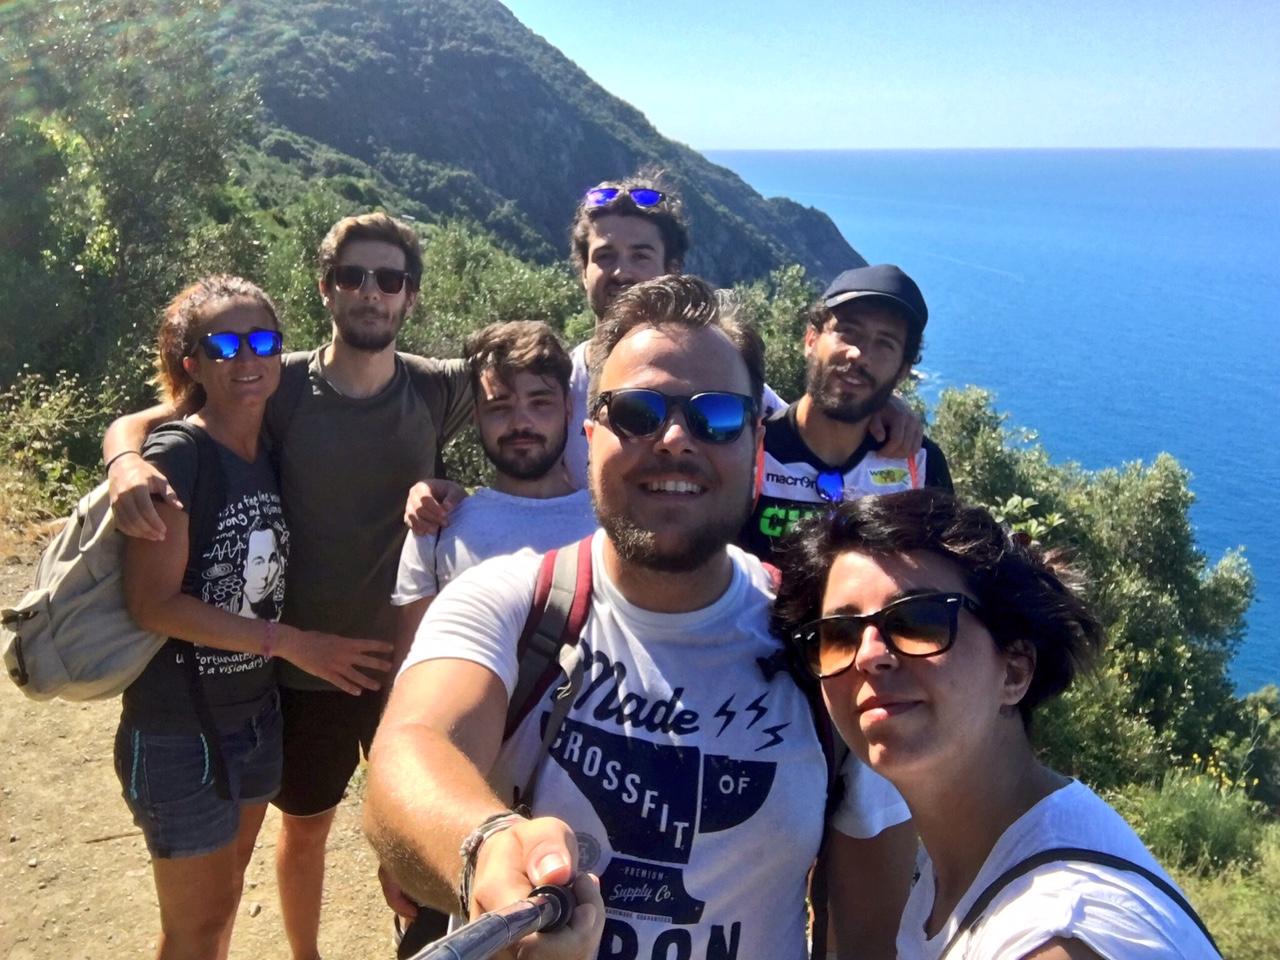 Cosa fare alle Cinque Terre trekking da Levanto a Monterosso foto di gruppo